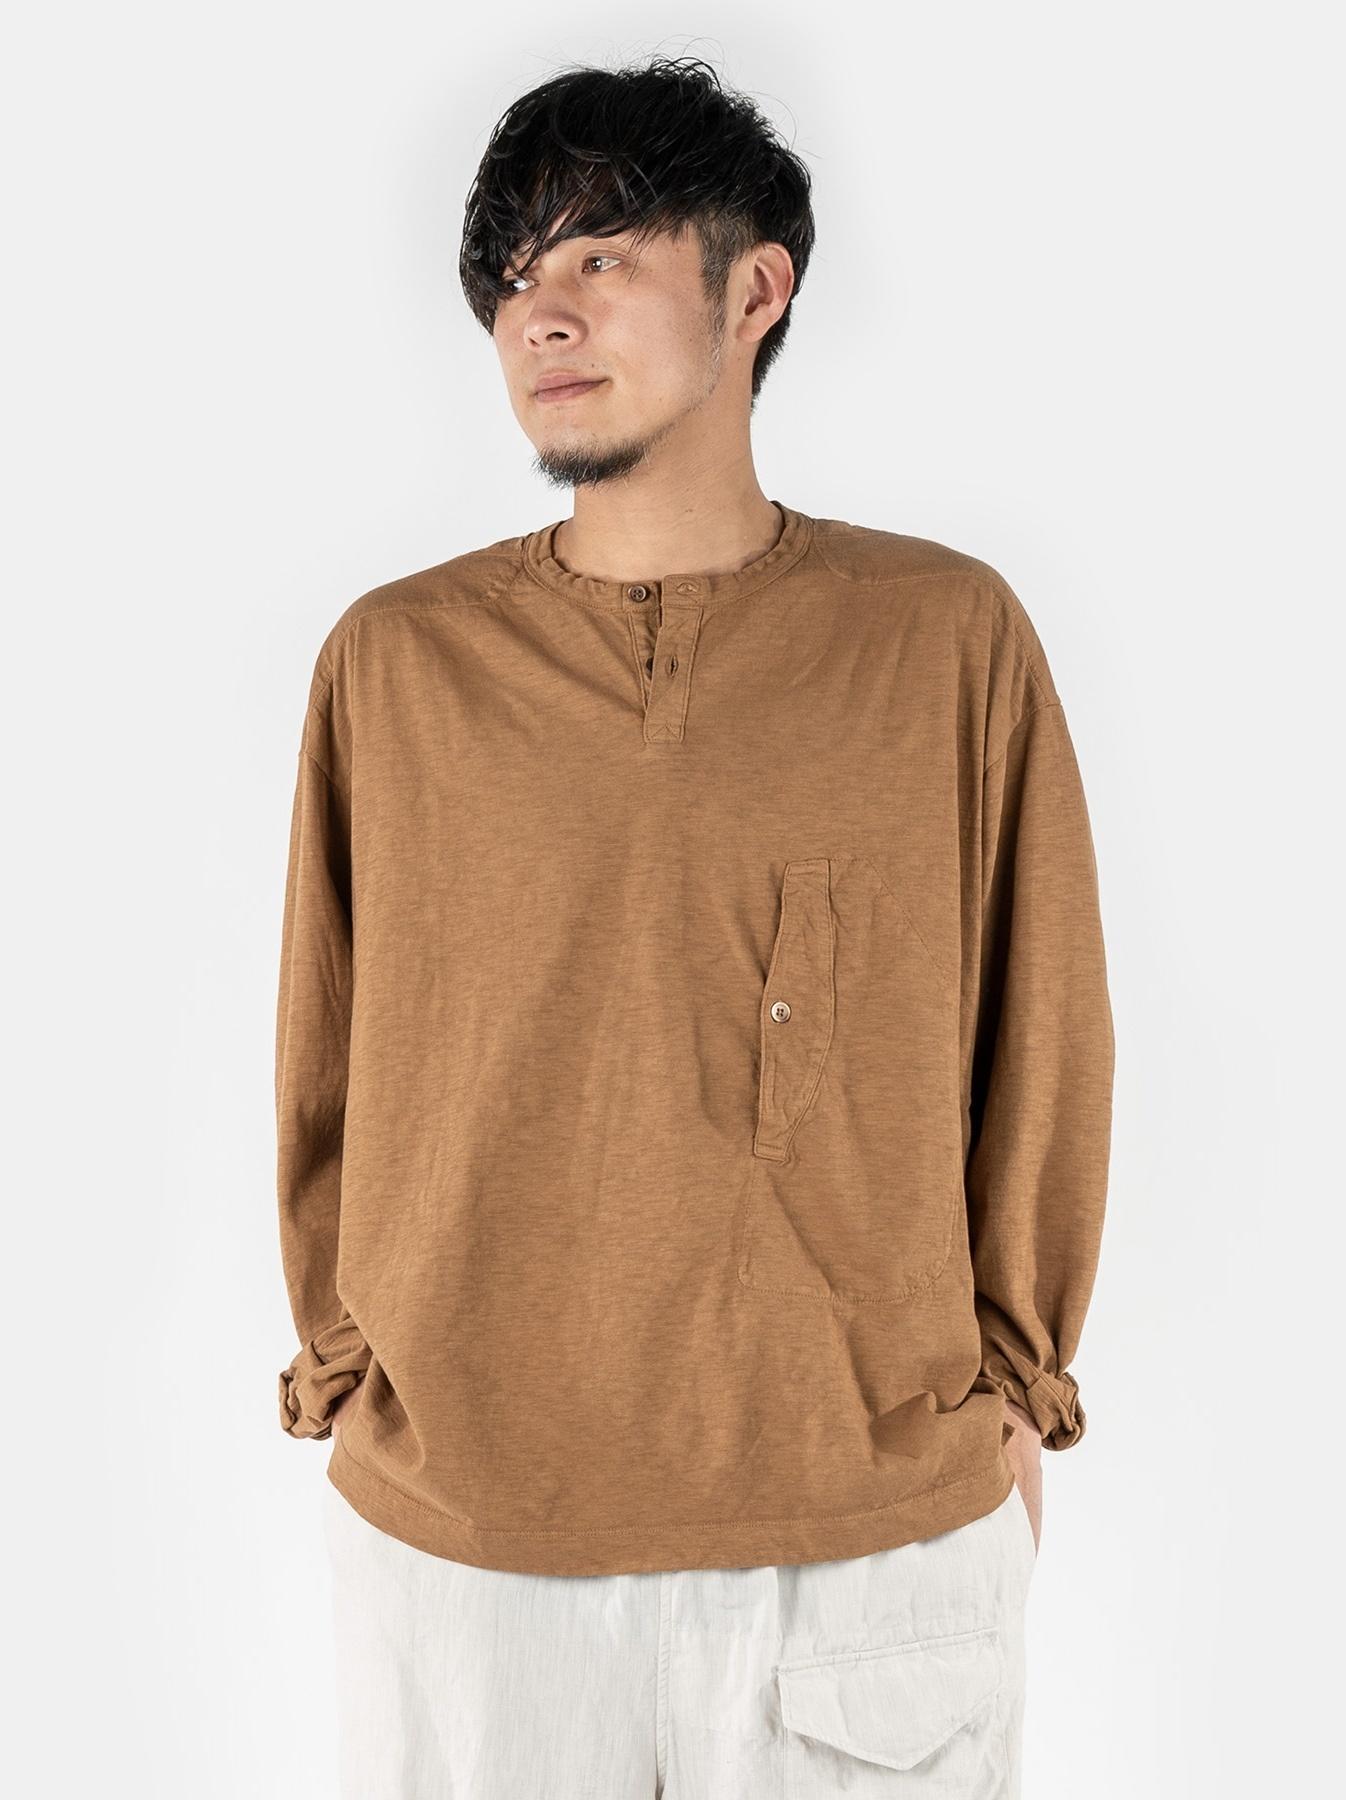 WH Tenjiku Stand Pullover Shirt-3